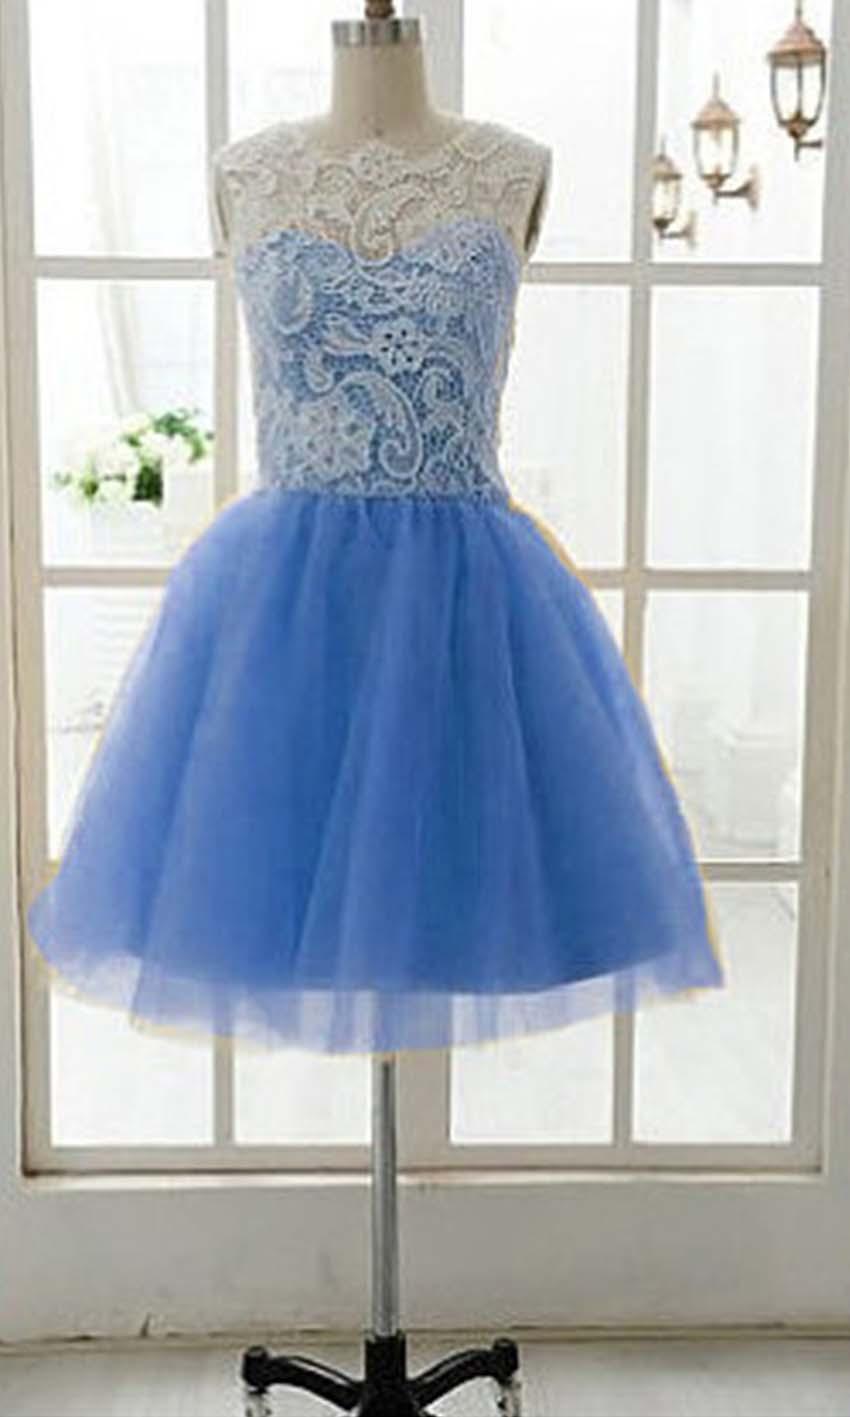 Cute White Lace Short Blue Grad Dresses KSP244 [KSP244] - £84.00 ...